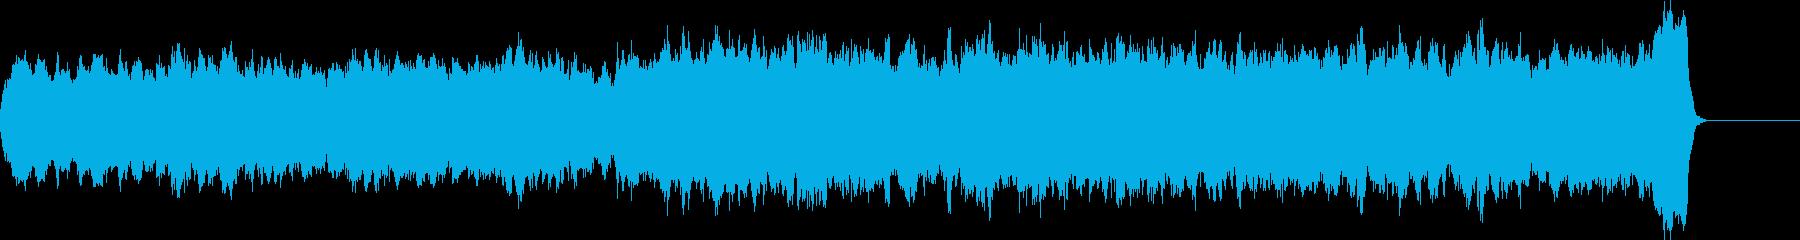 バッハのようなパイプオルガンオリジナル曲の再生済みの波形